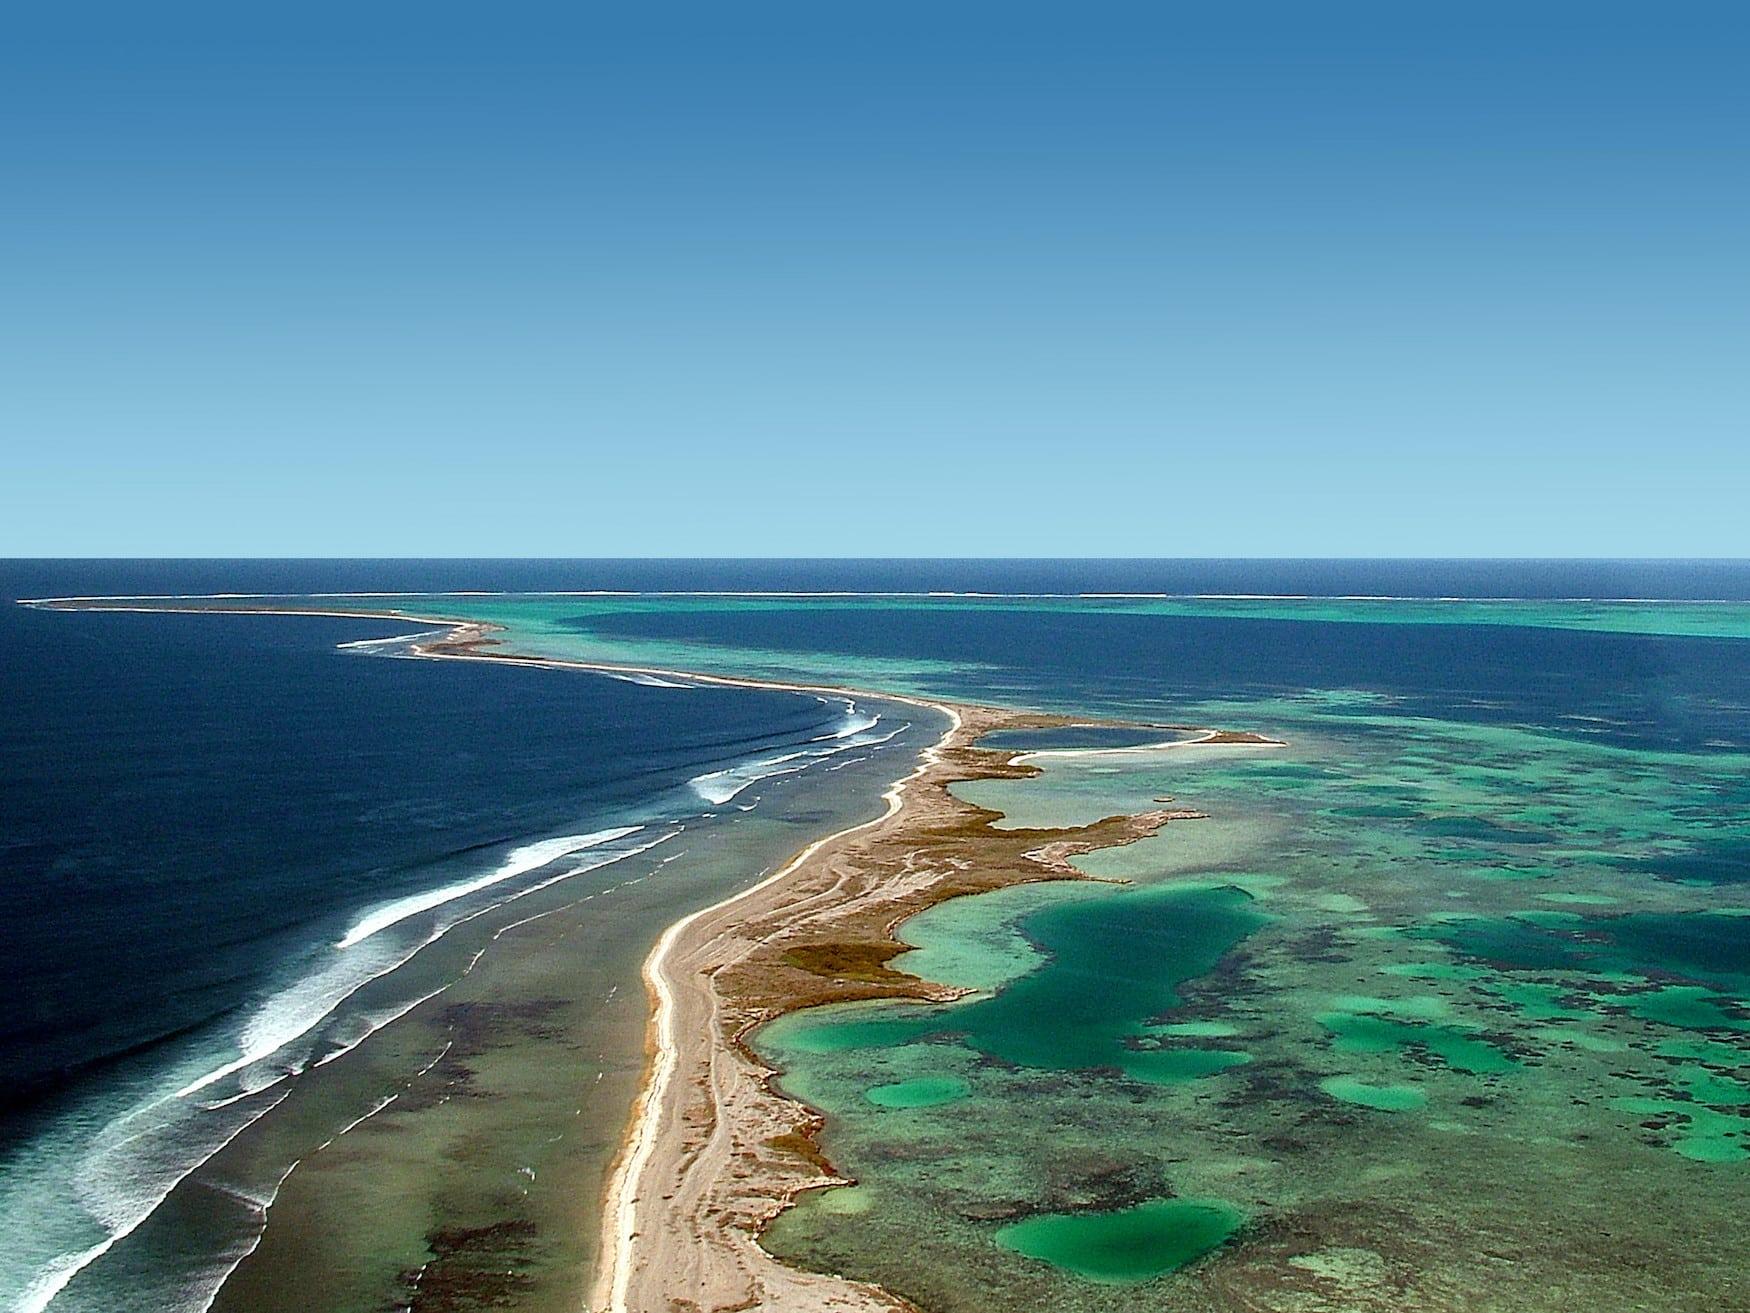 Blick auf die Abrolhos Islands im Indischen Ozean